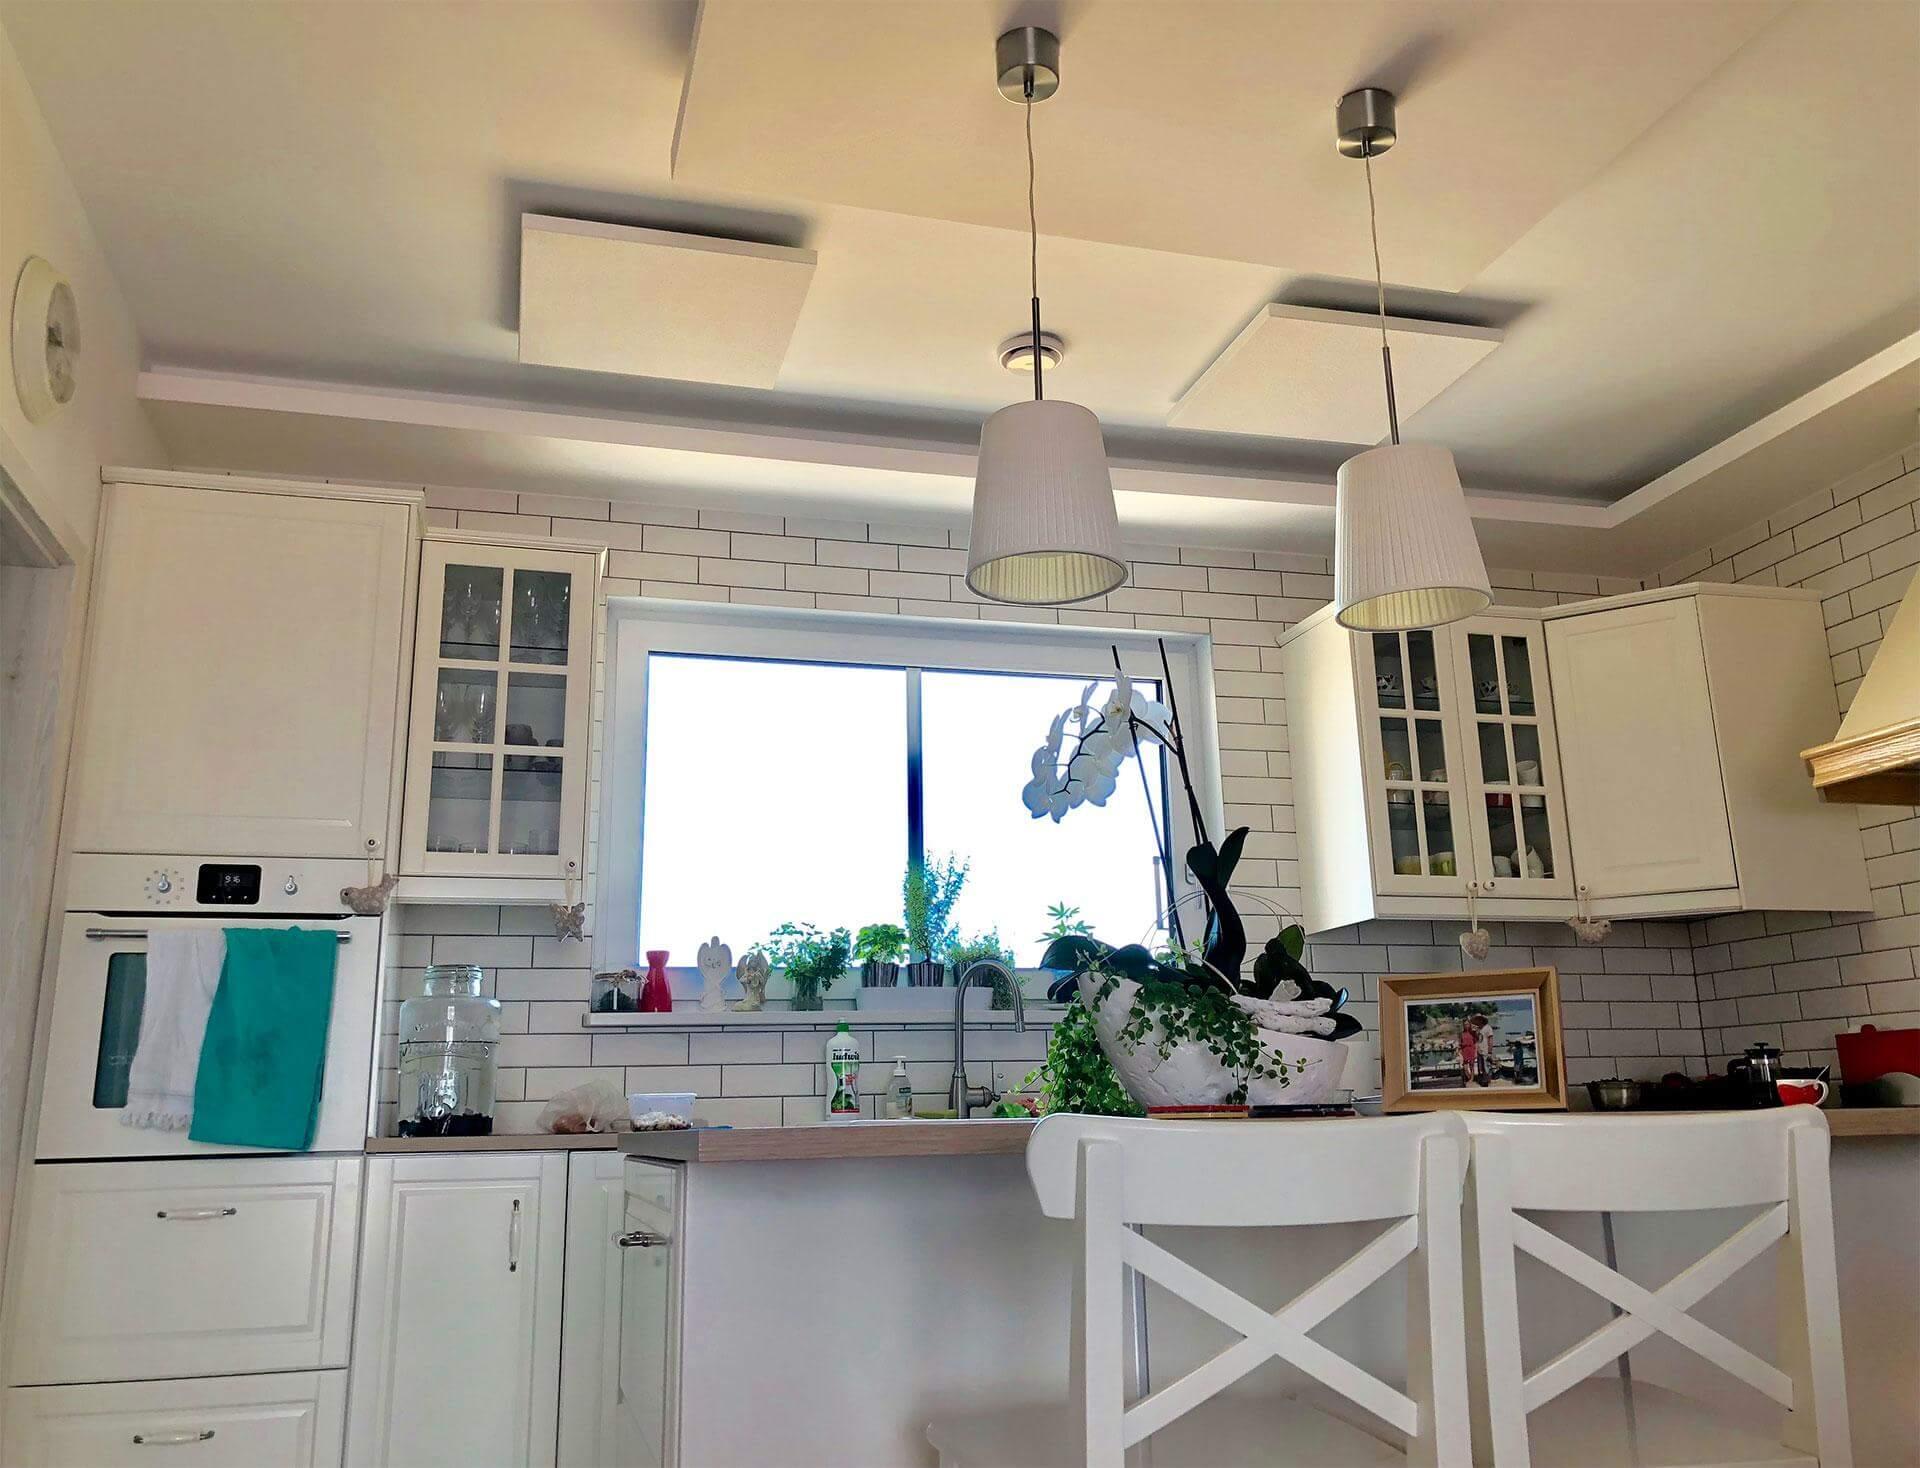 kuchnia 01 - Brochures Home & Energie